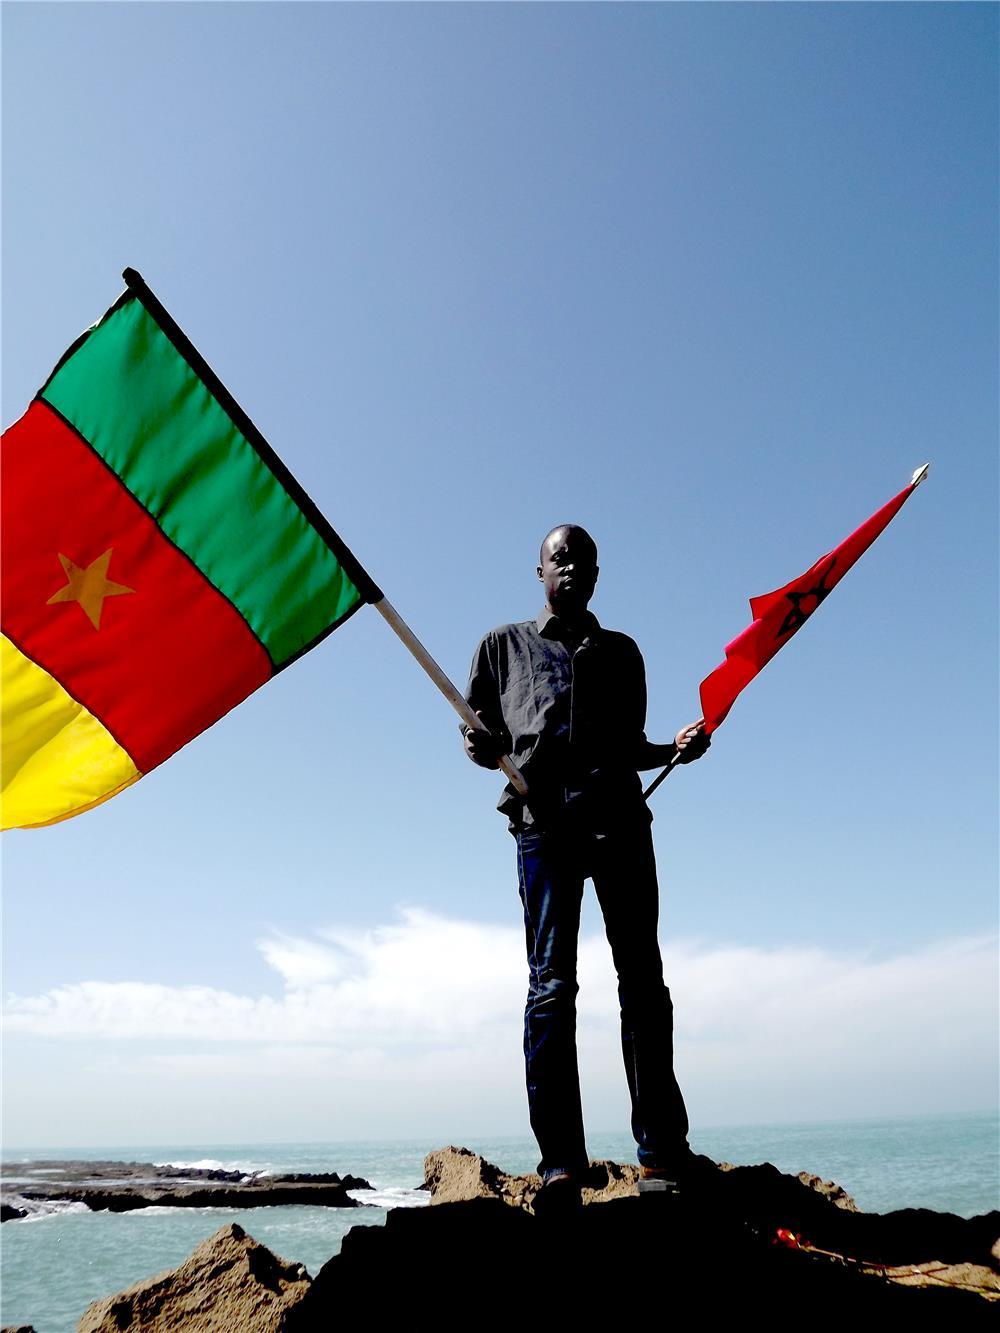 Ein unbegleiteter Minderjähriger aus Kamerun, dessen Reise nach Europa an der Nordküste Marokkos endete. In den Händen hält er die Nationalflaggen von Marokko und Kamerun.